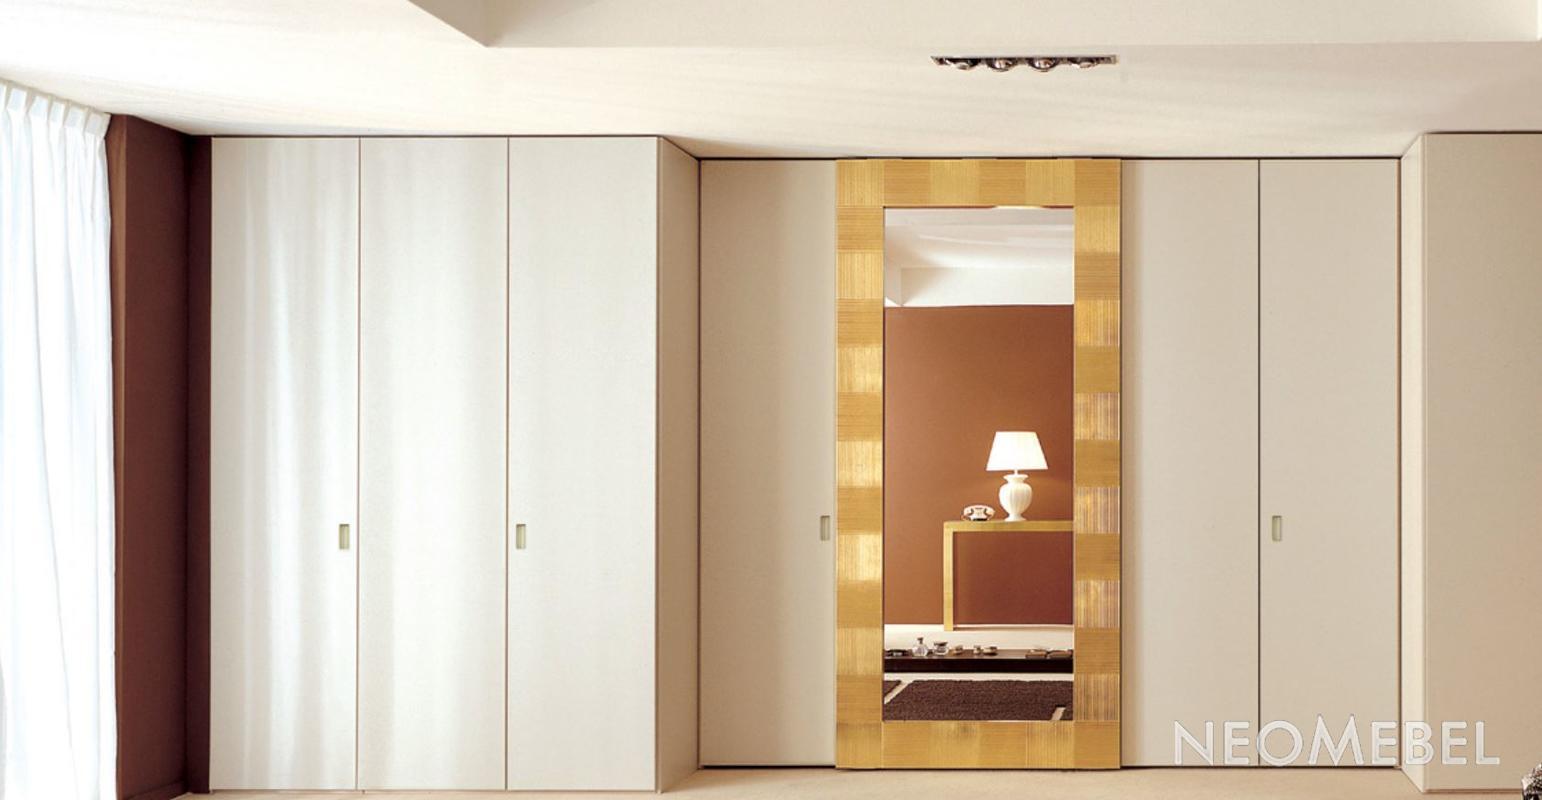 Шкаф anta ego besana - шкафы гардеробные - спальни - купить .